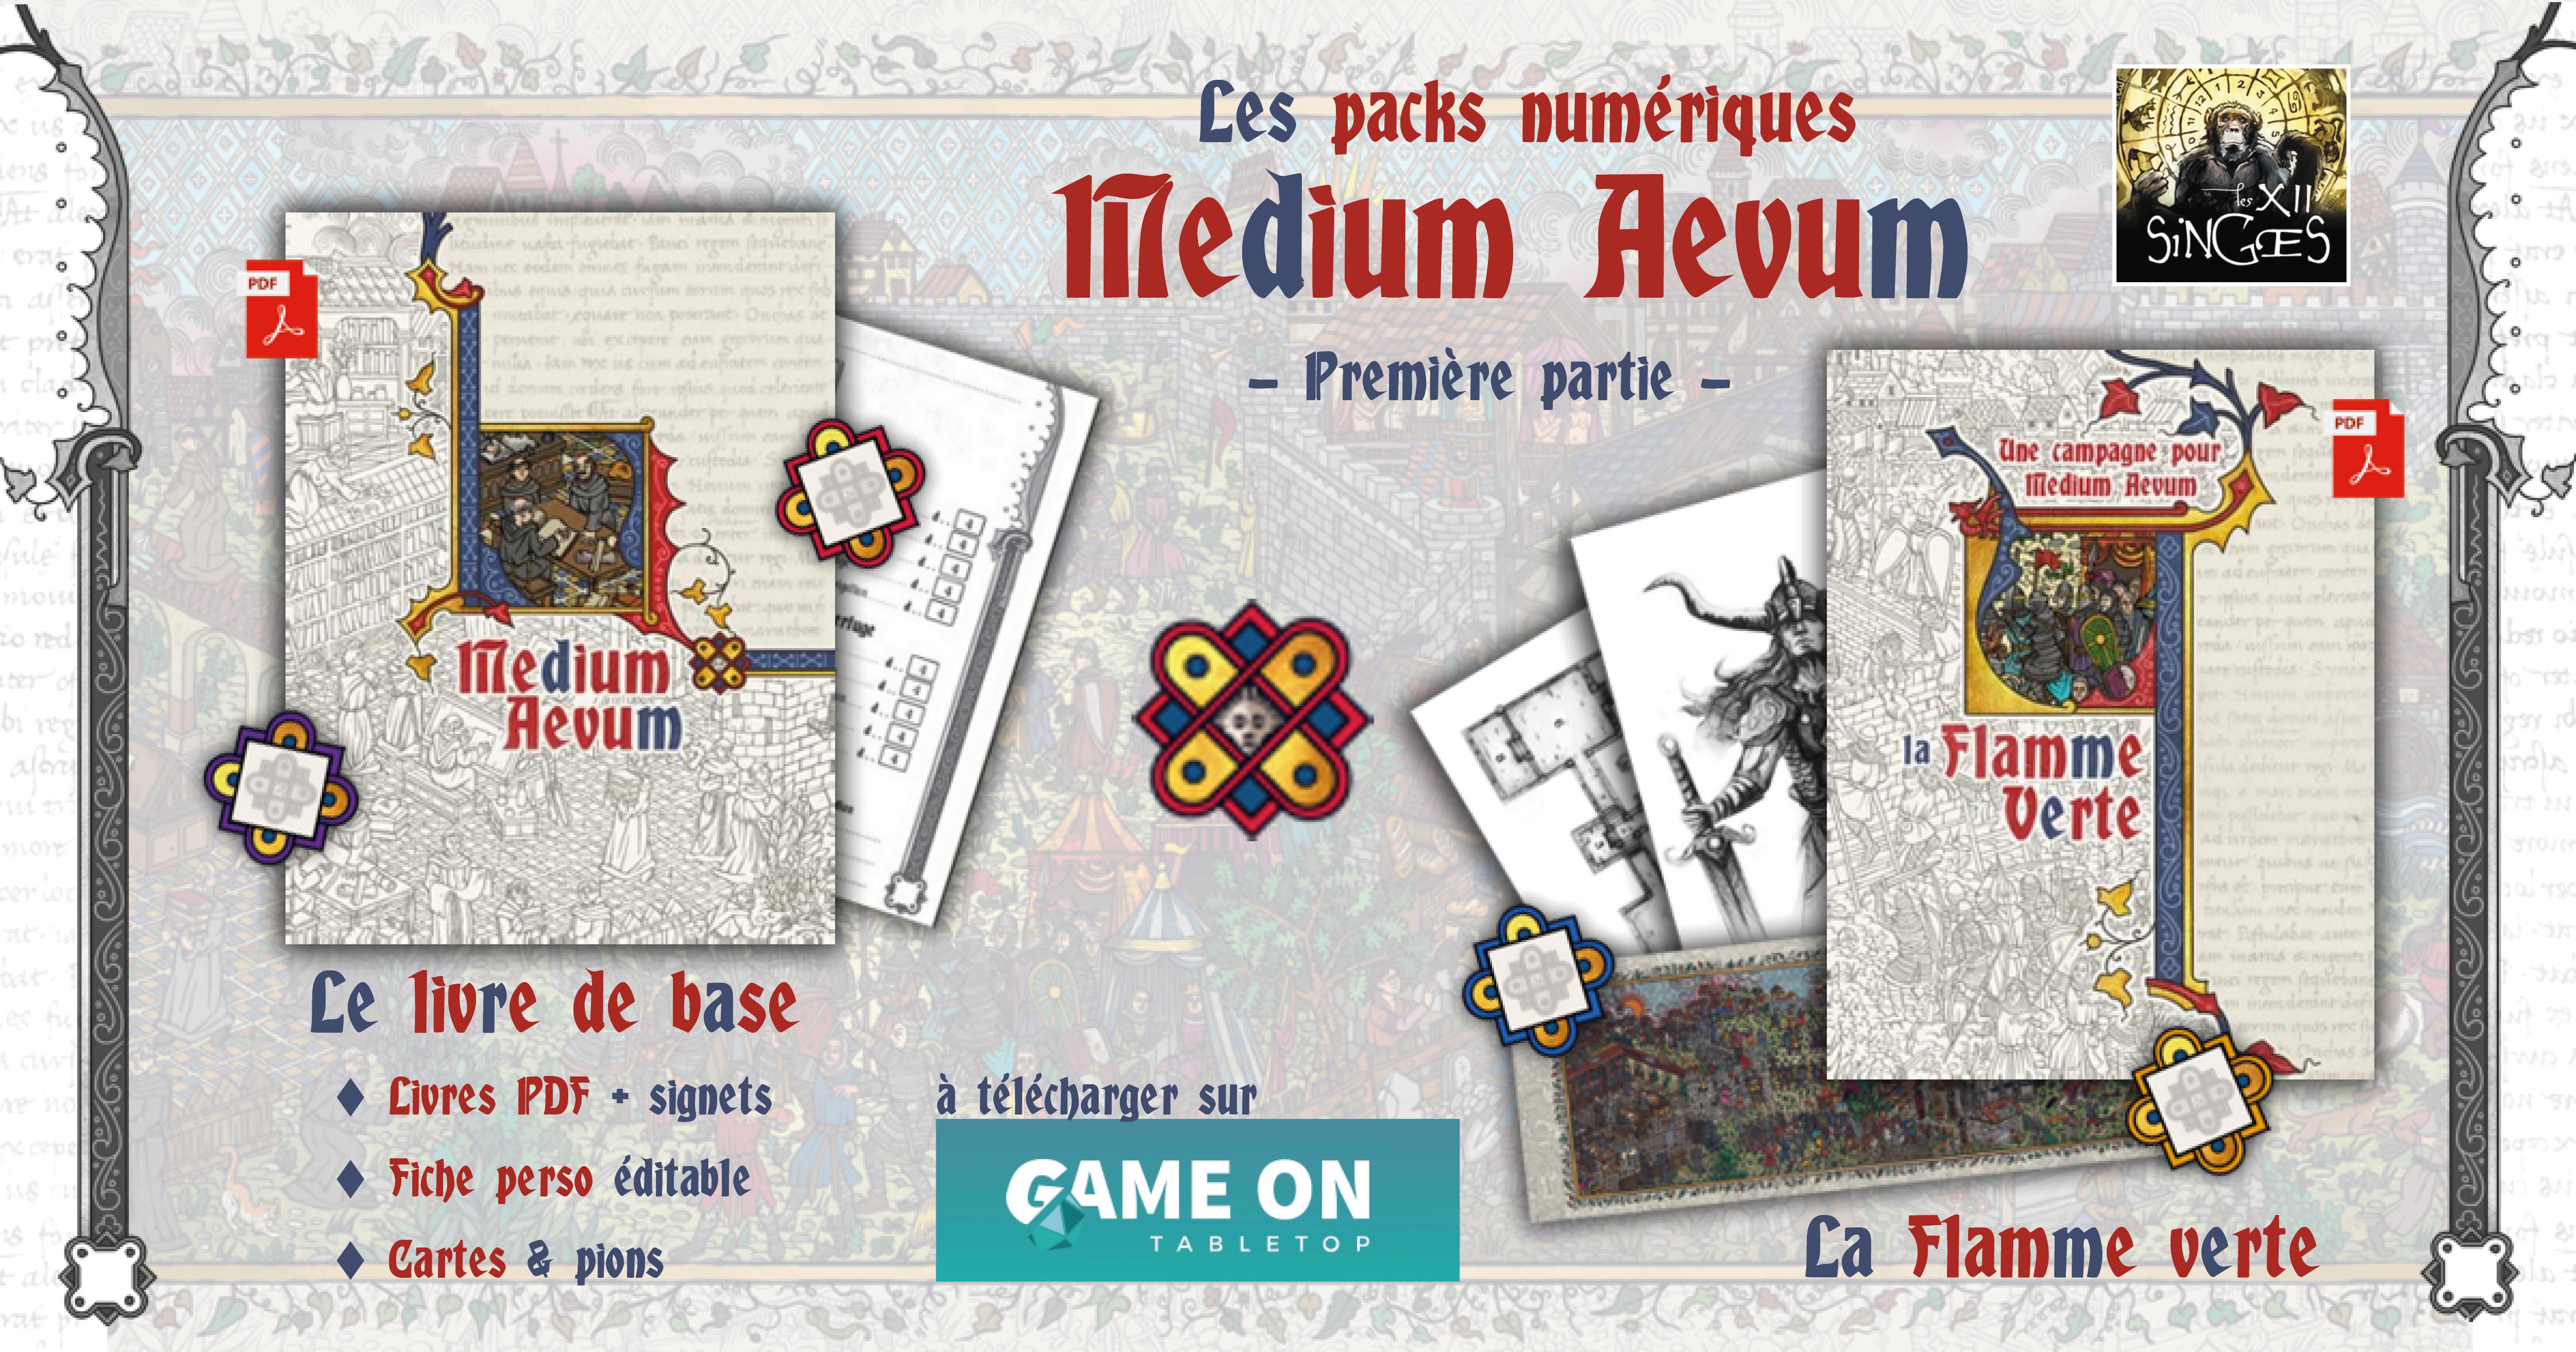 Les packs numériques Medium Aevum